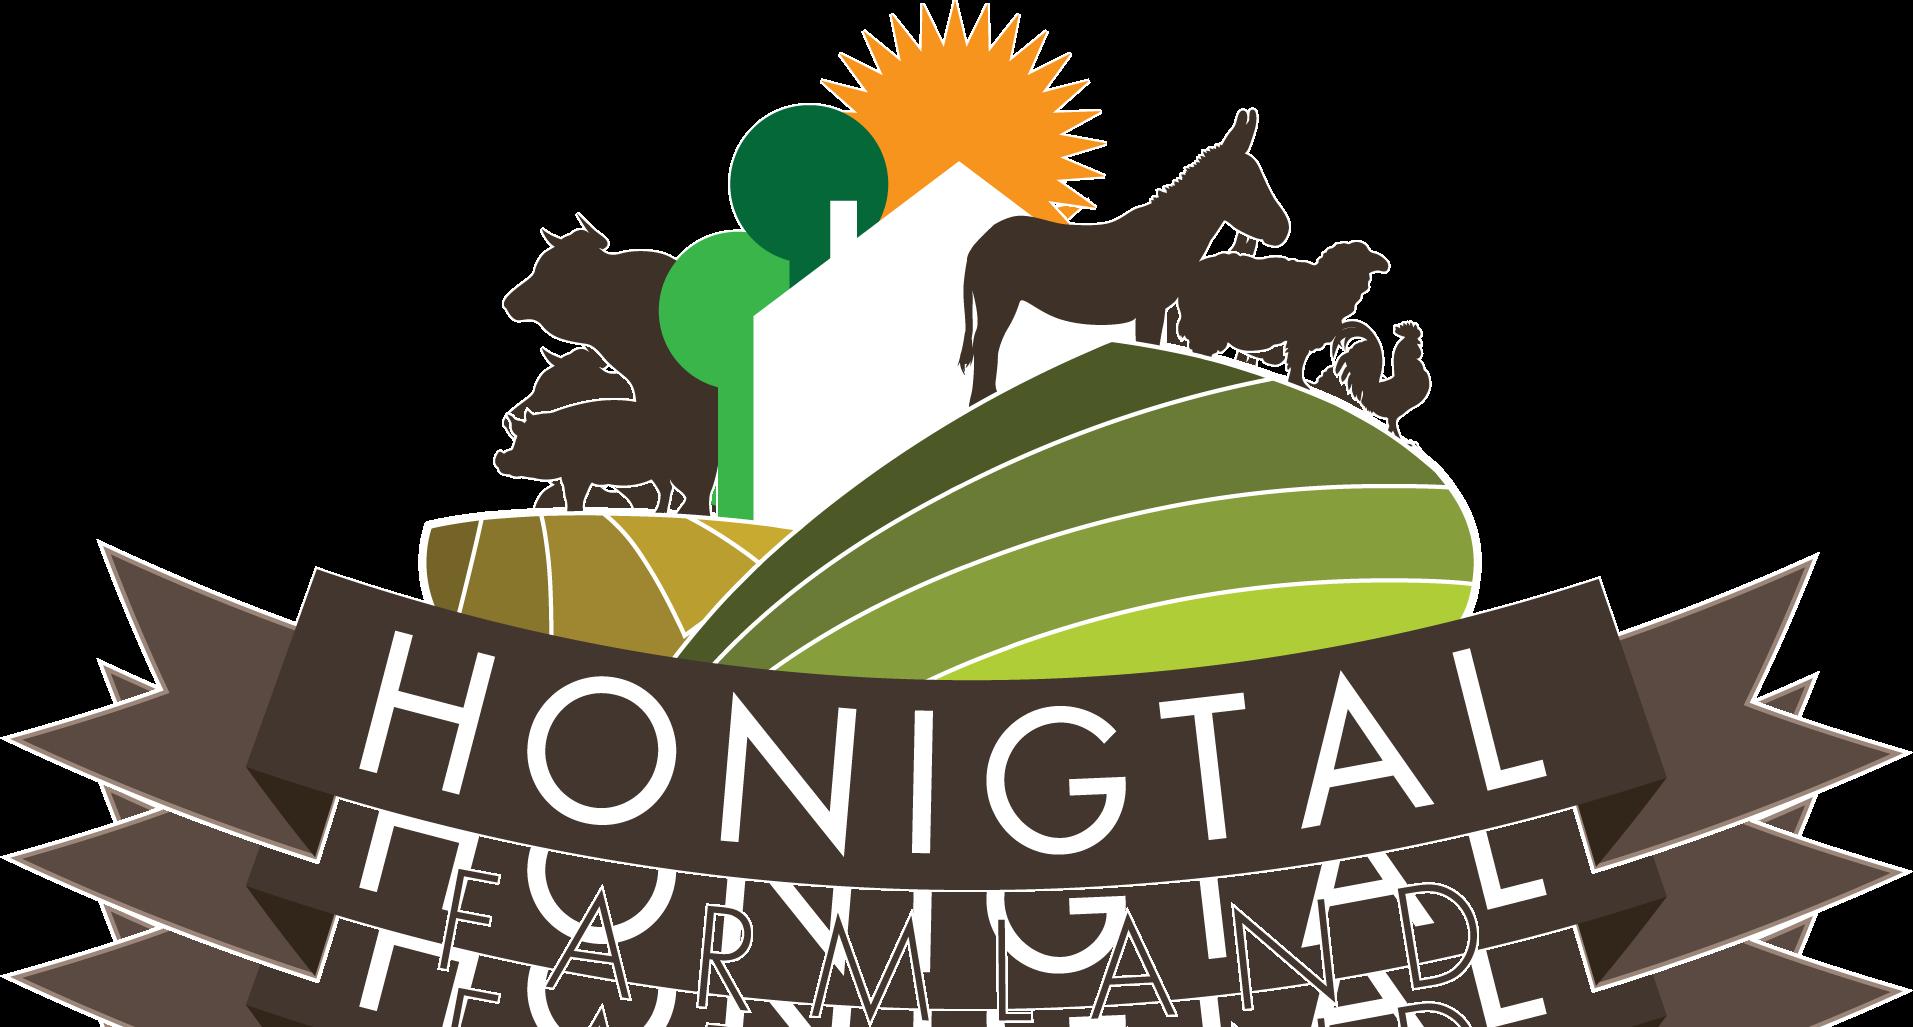 Honigtal Farmland